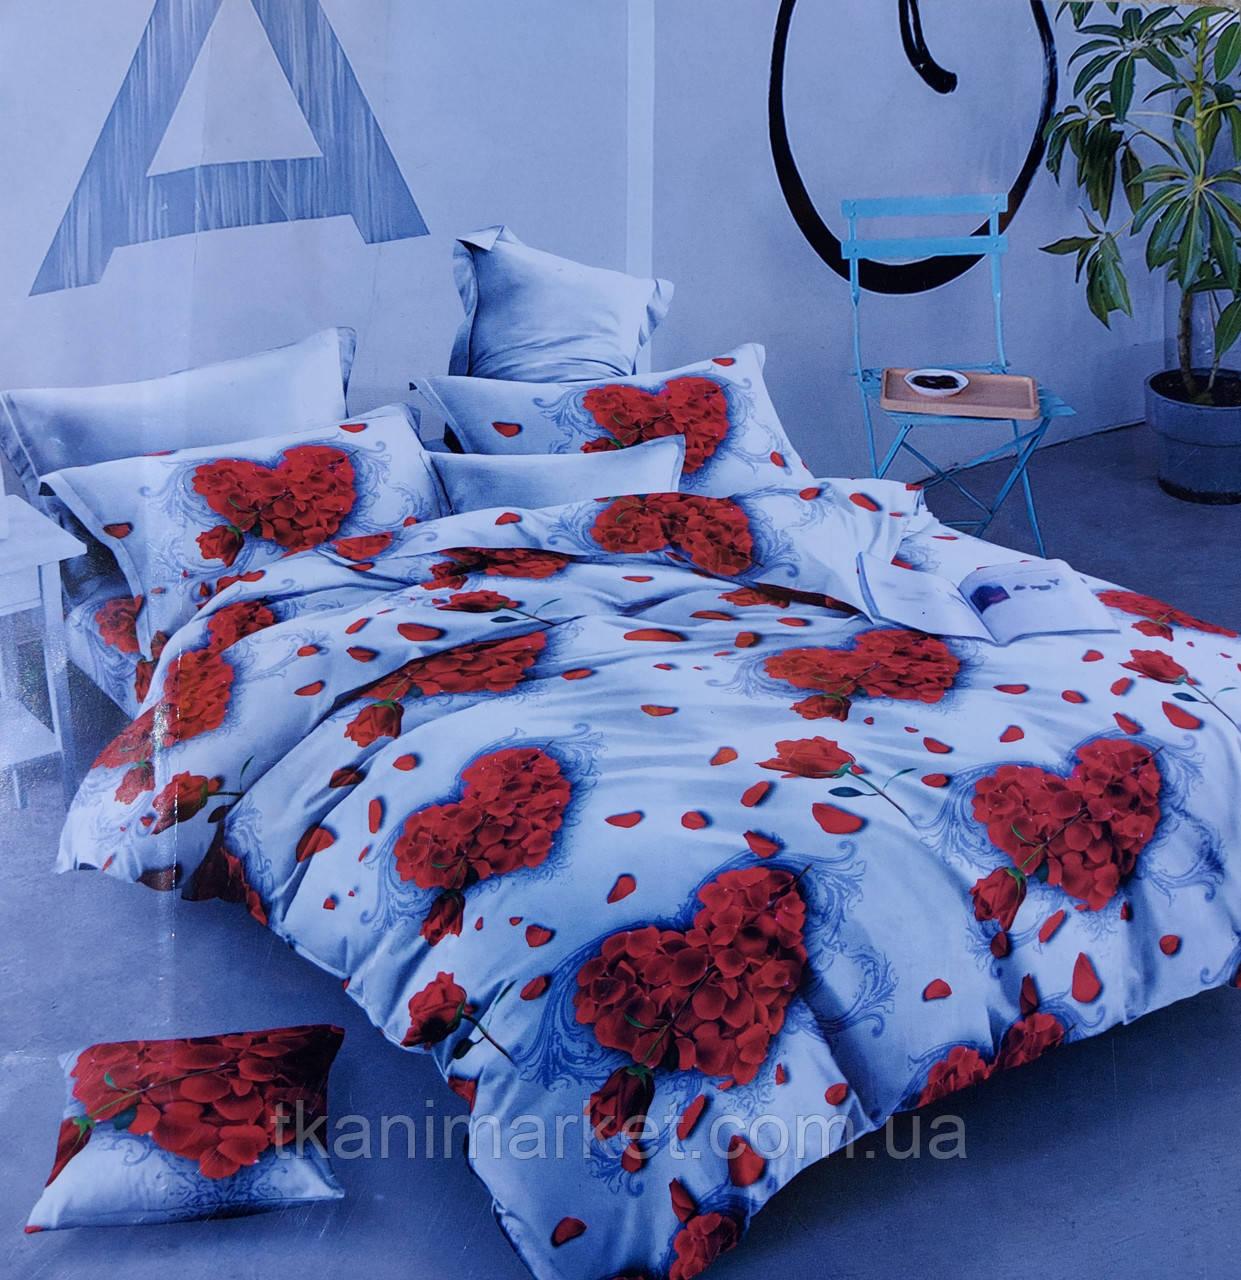 Бязь Gold Lux GL1 постельная ткань Пакистан